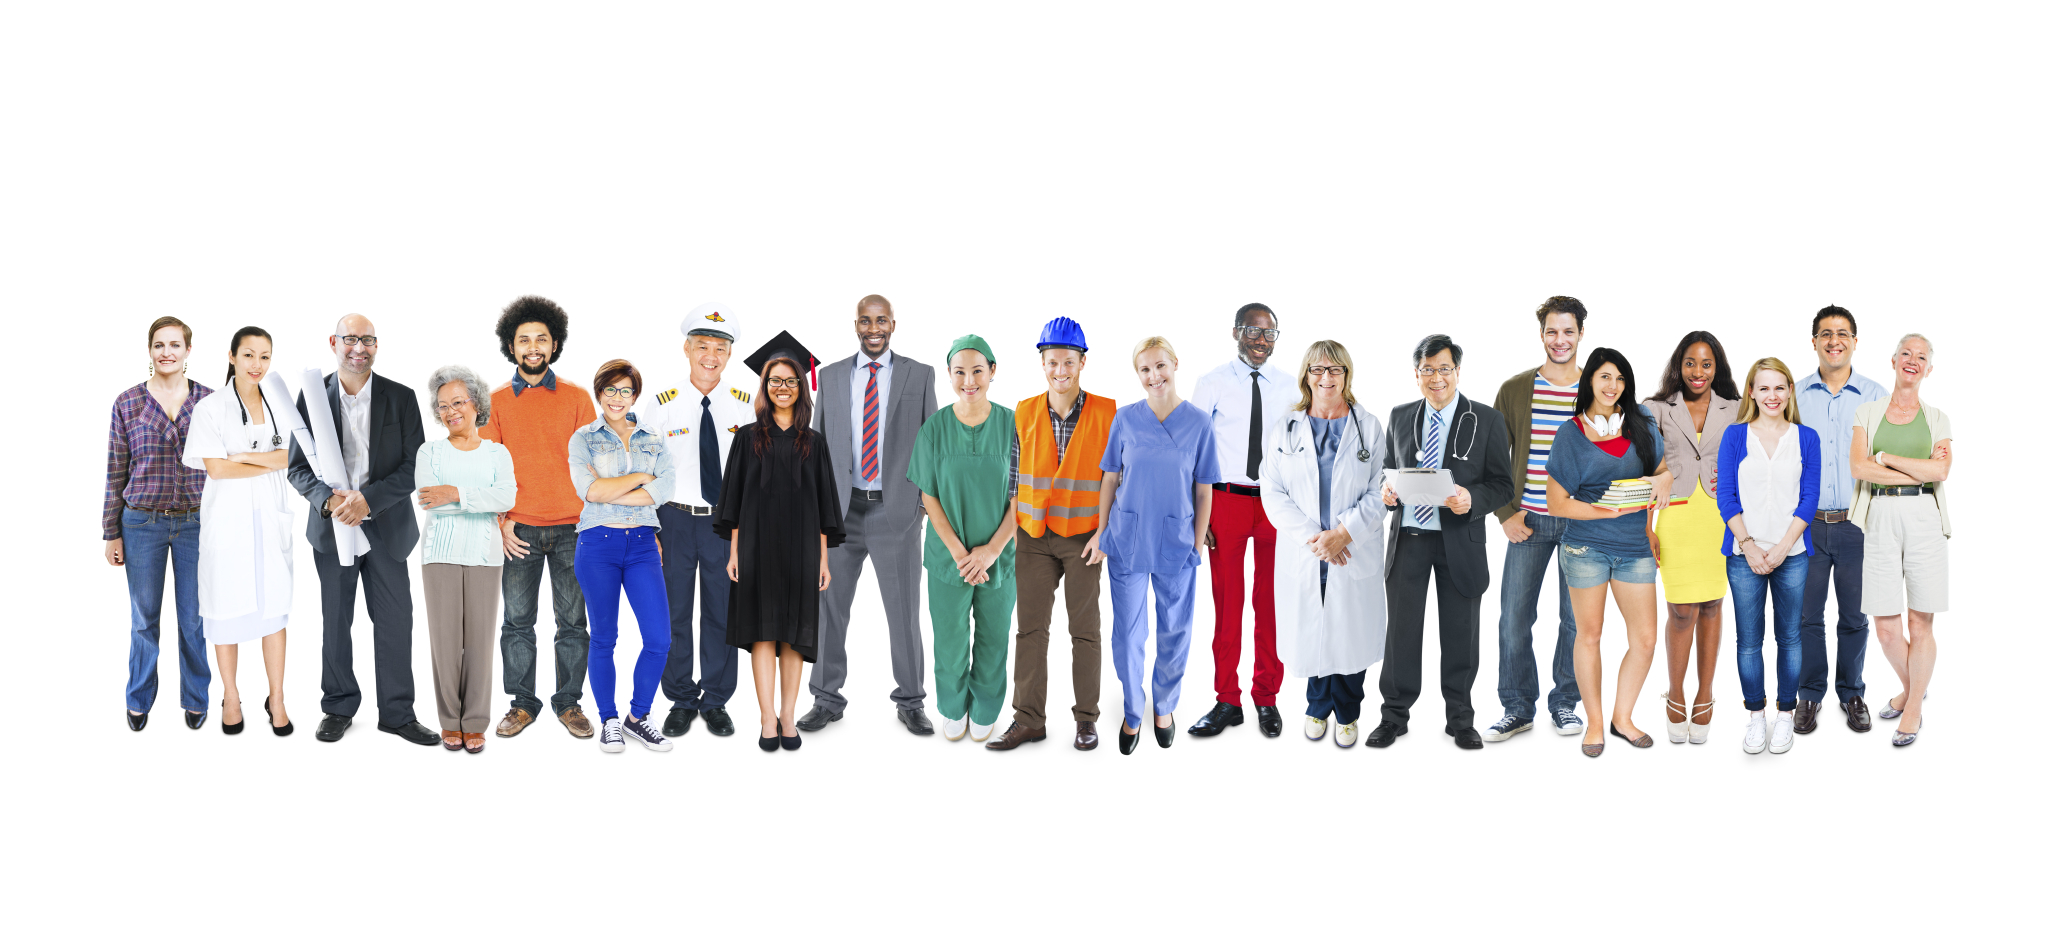 「labour market」的圖片搜尋結果